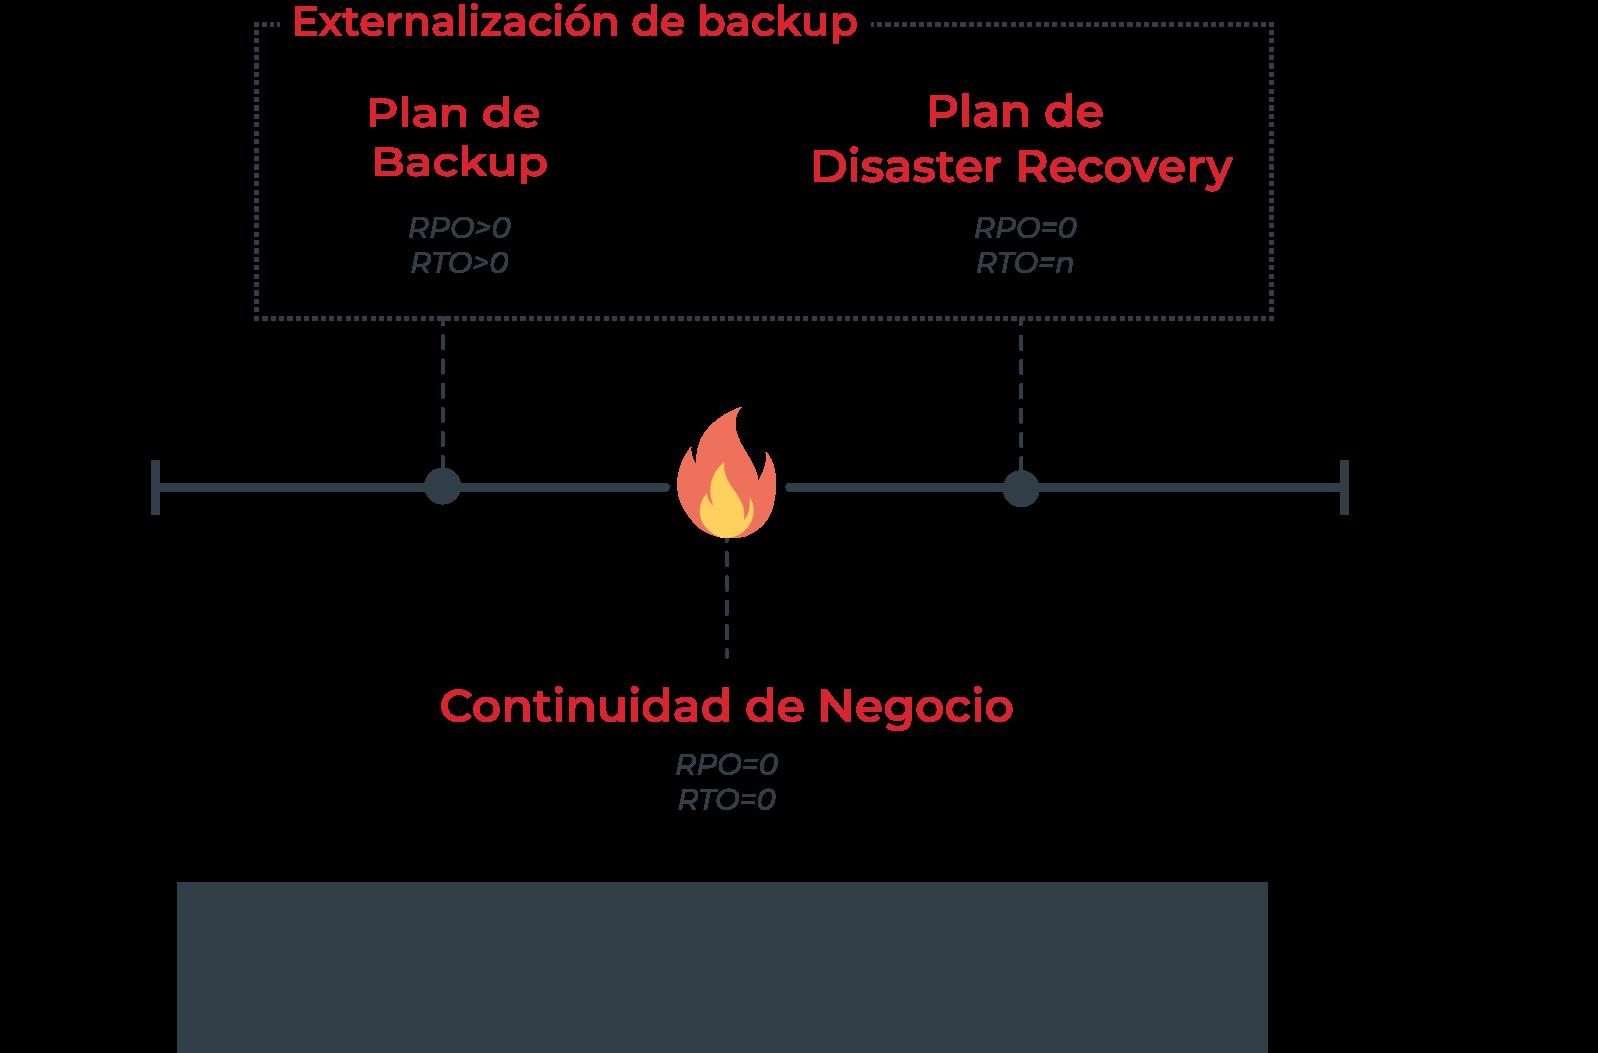 plancontingencia planbackup 1 - Plan de Backup